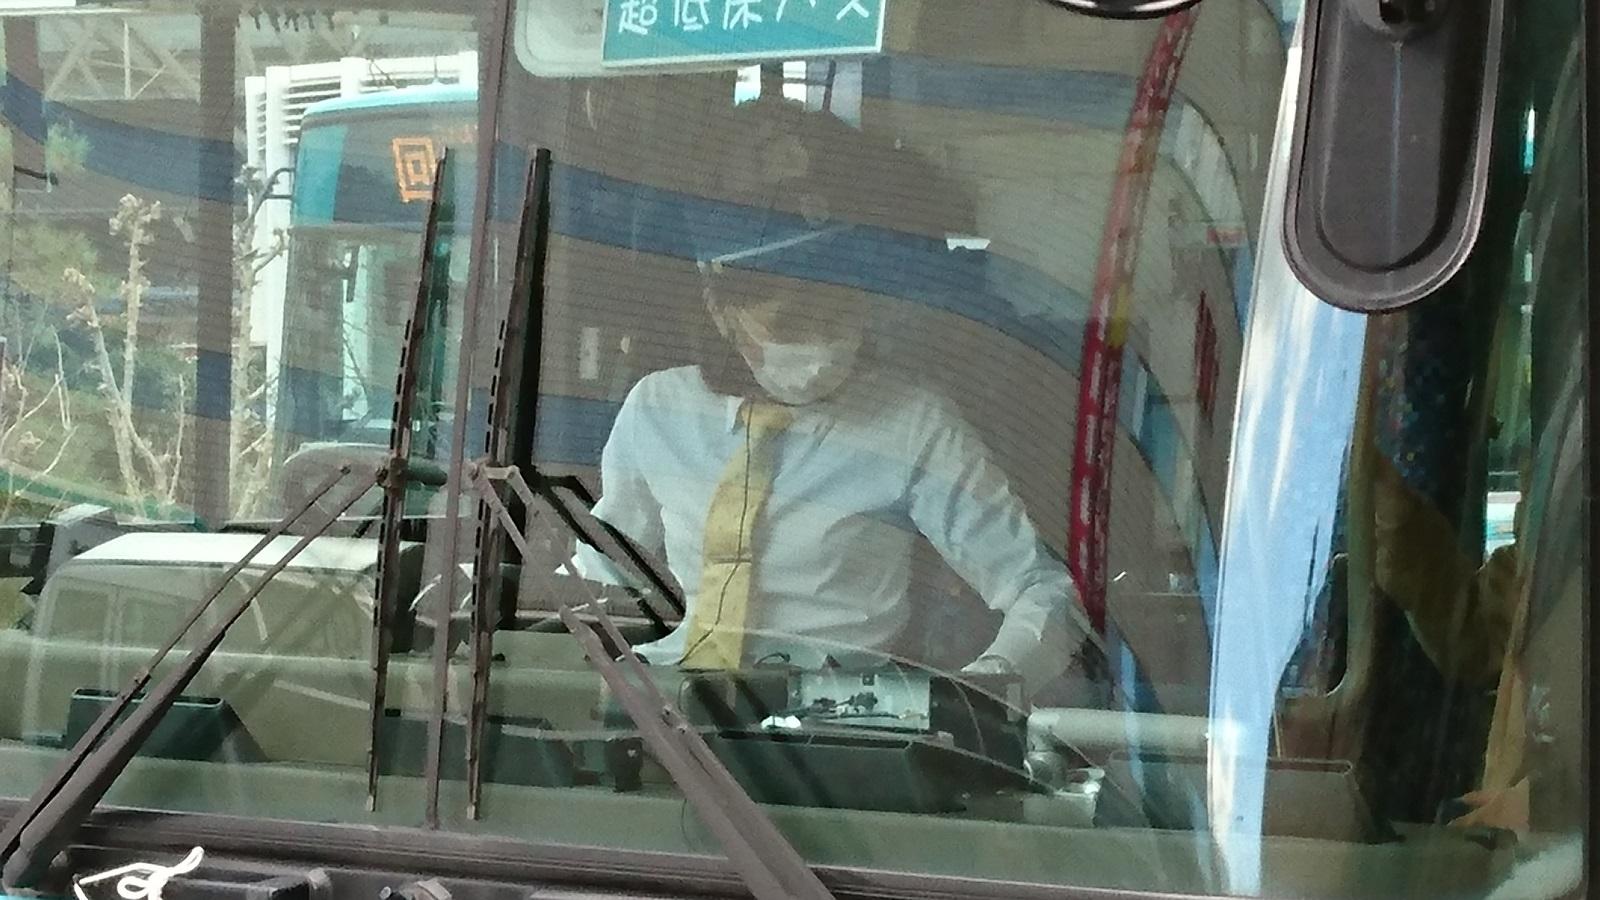 2016.12.23 井伊谷まで (23) 浜松駅 - 気賀いきバス 1600-900